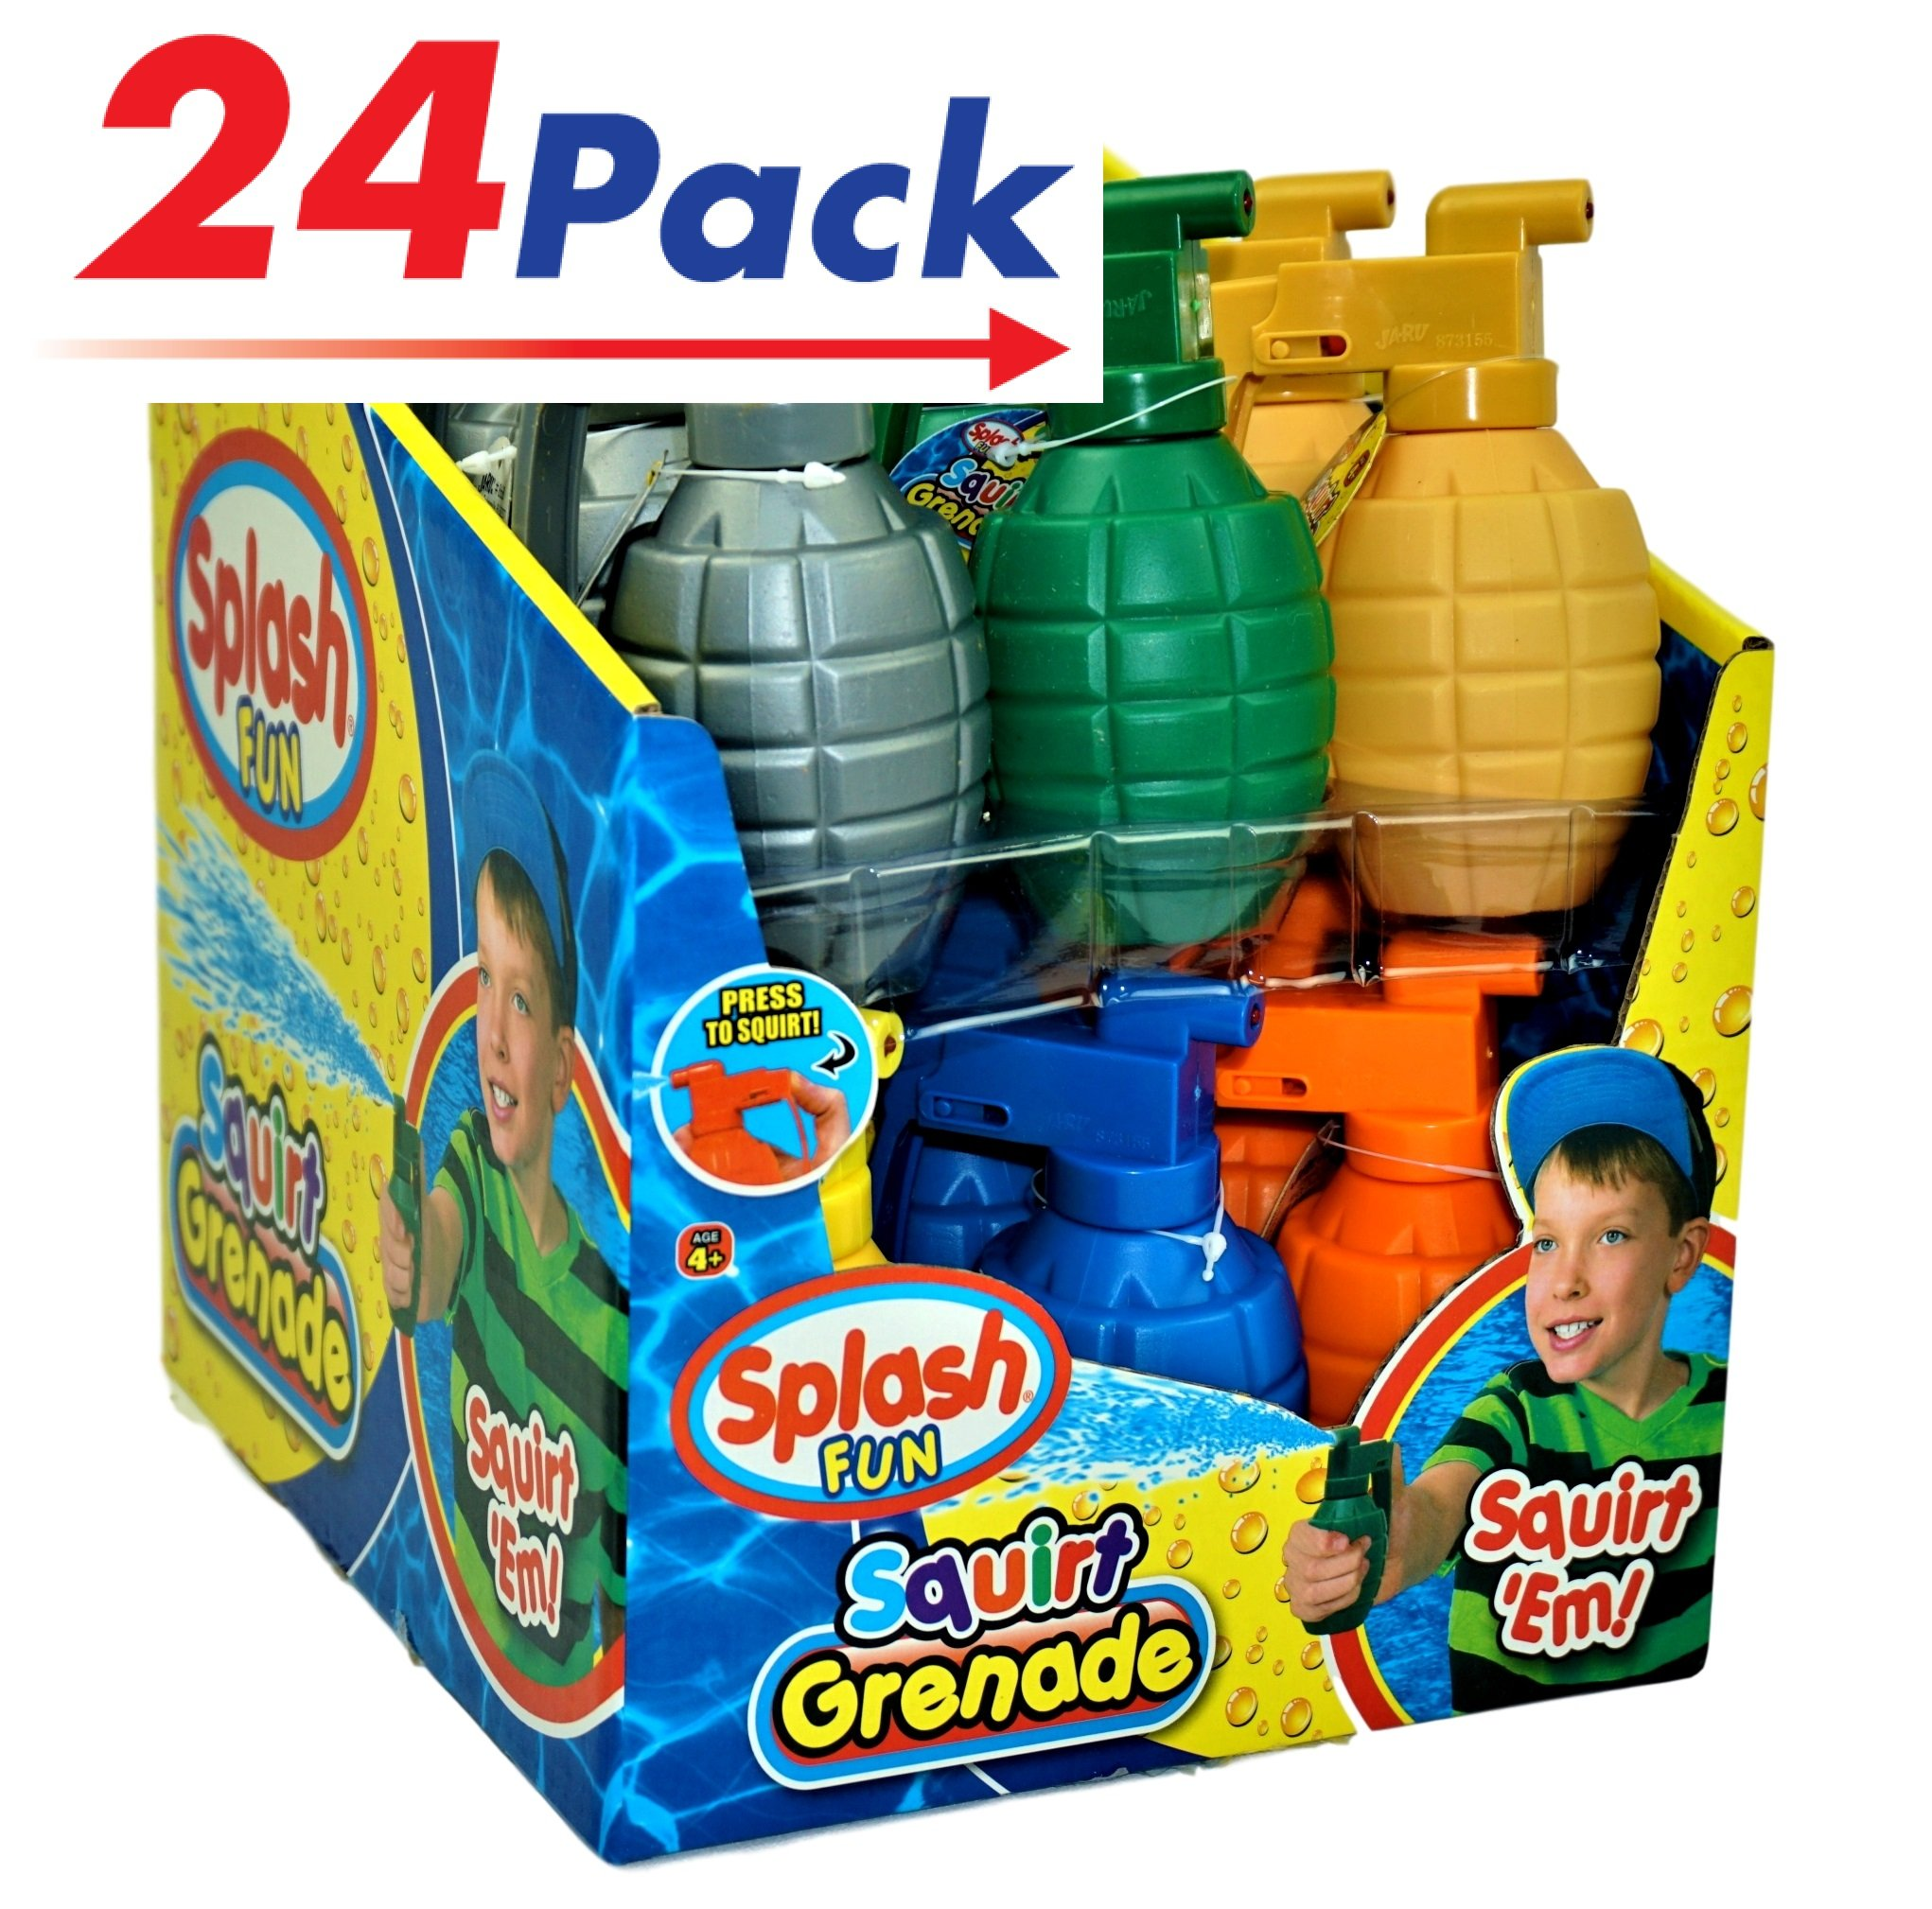 JA-RU Water Squirt Grenade (Pack of 24) Kids Toys Super Soaker Water Splash | Item #868-24 by JA-RU